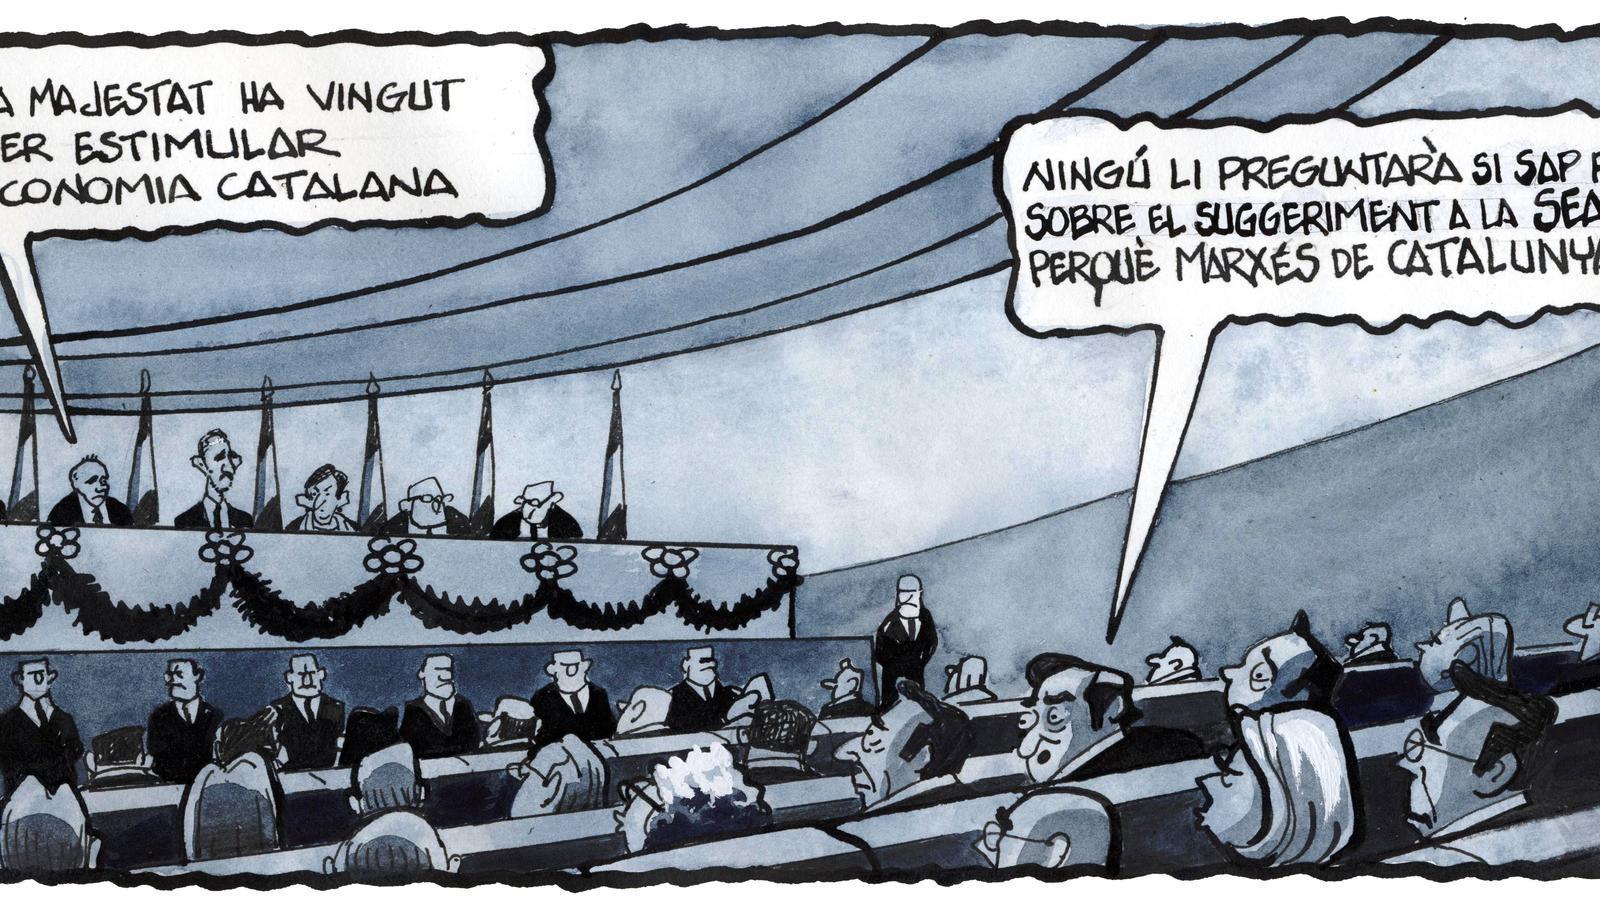 'A la contra', per Ferreres 11/10/2020